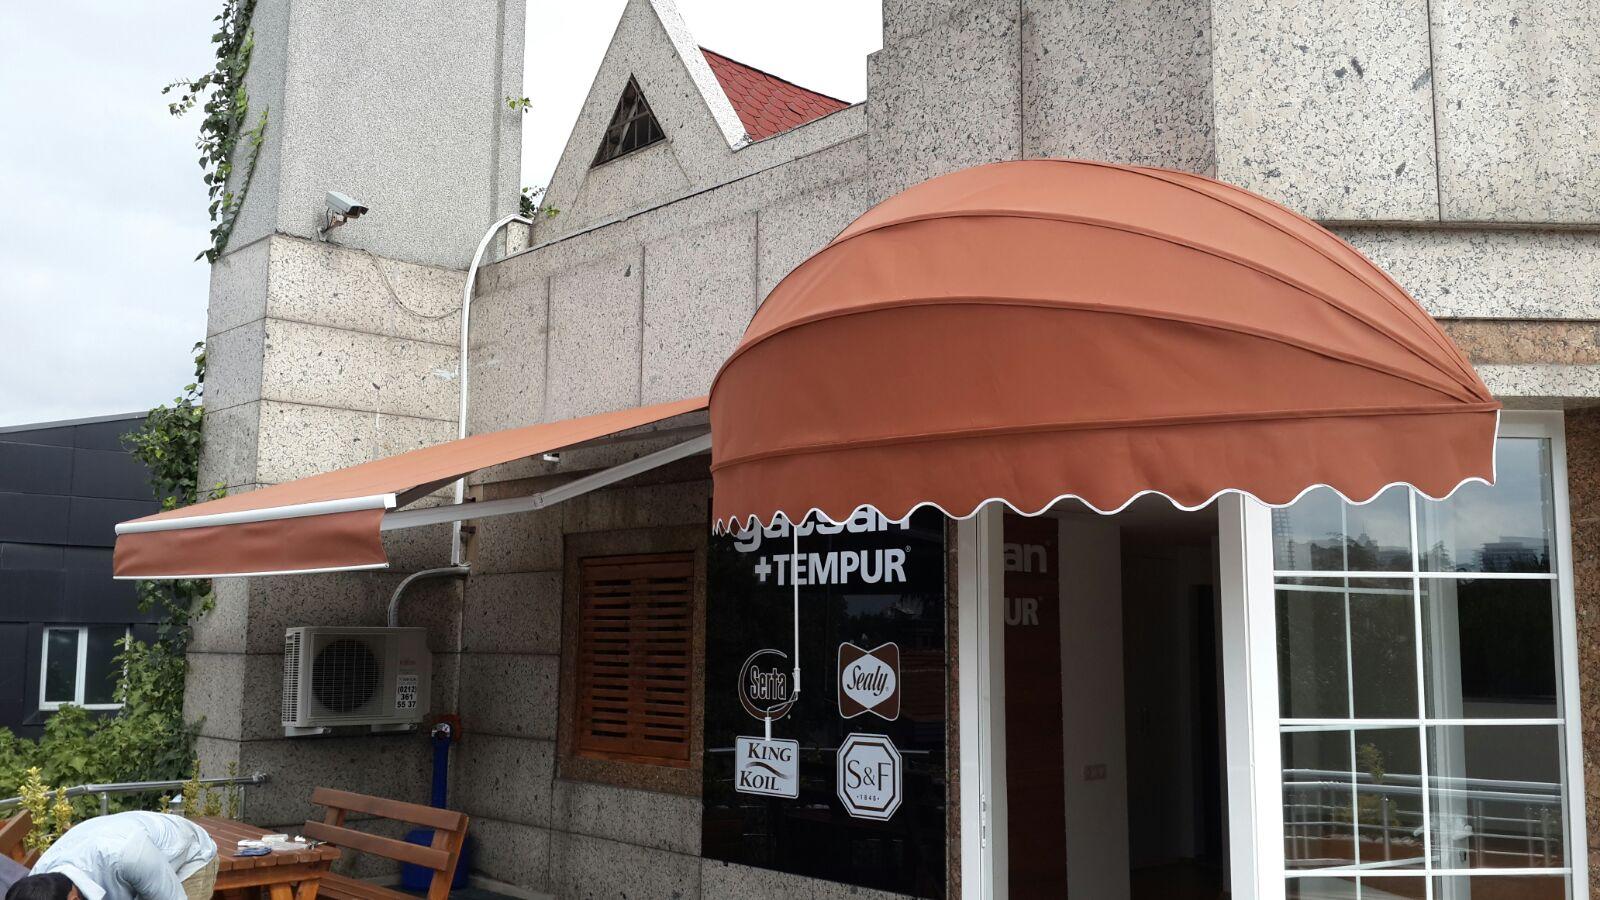 Mecidiyeköy Brandacı | Tente Çadır İmalatı Kaliteli ve Uygun Fiyat 0212 477 17 16